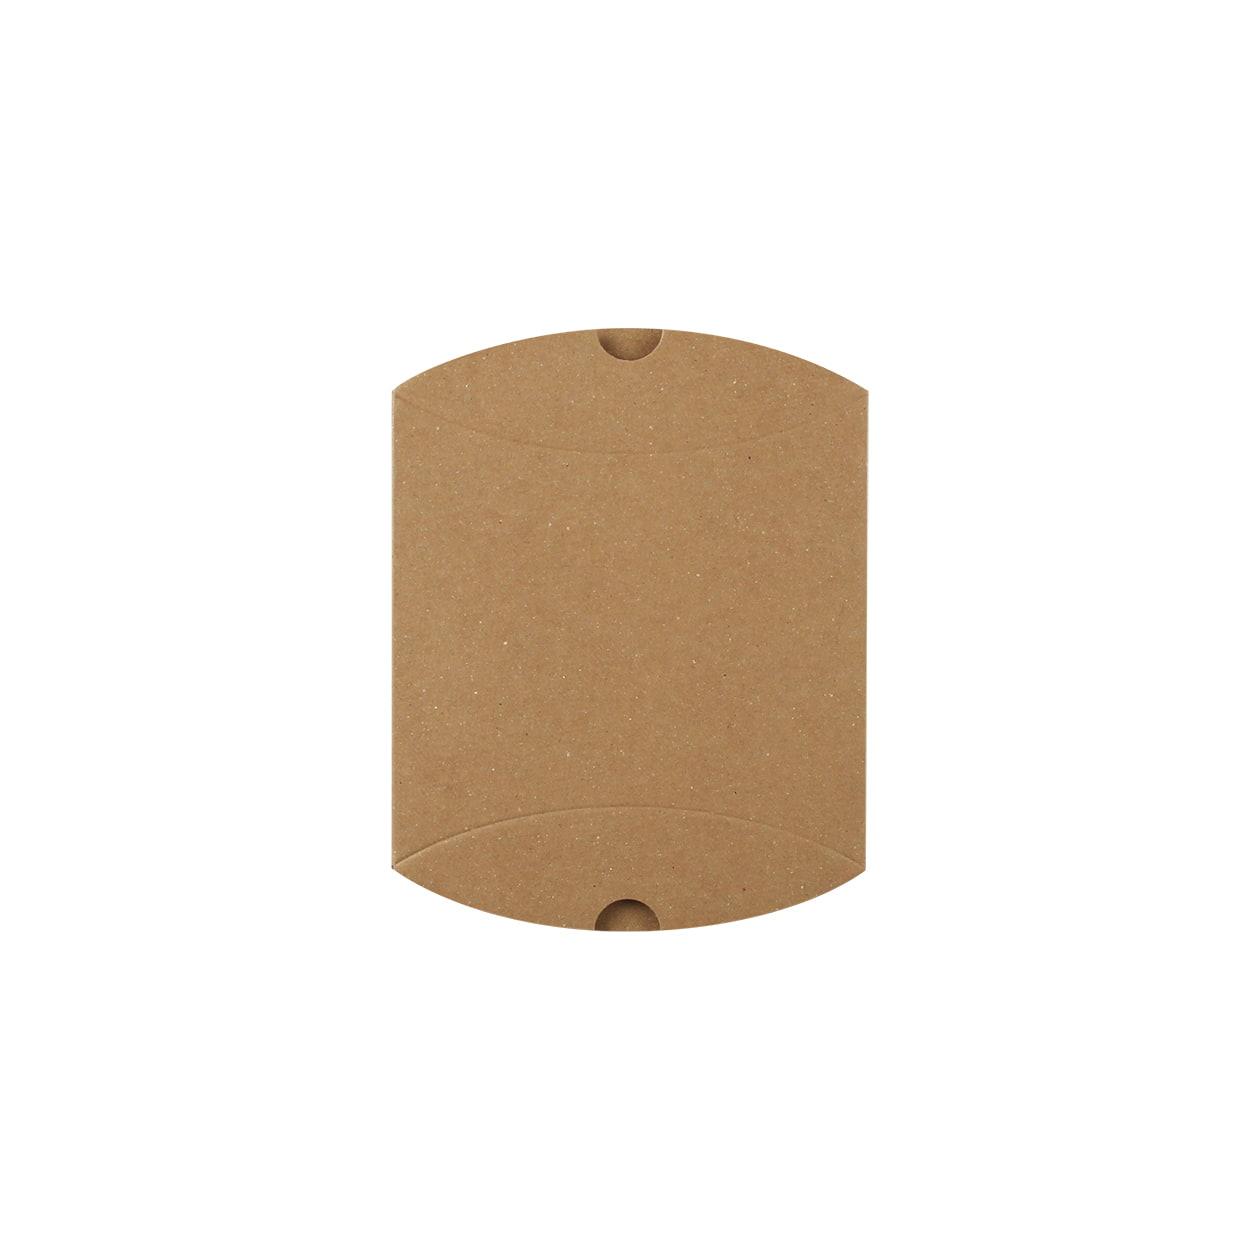 ピローケース115×115×30 ボード紙 ブラウン 270g